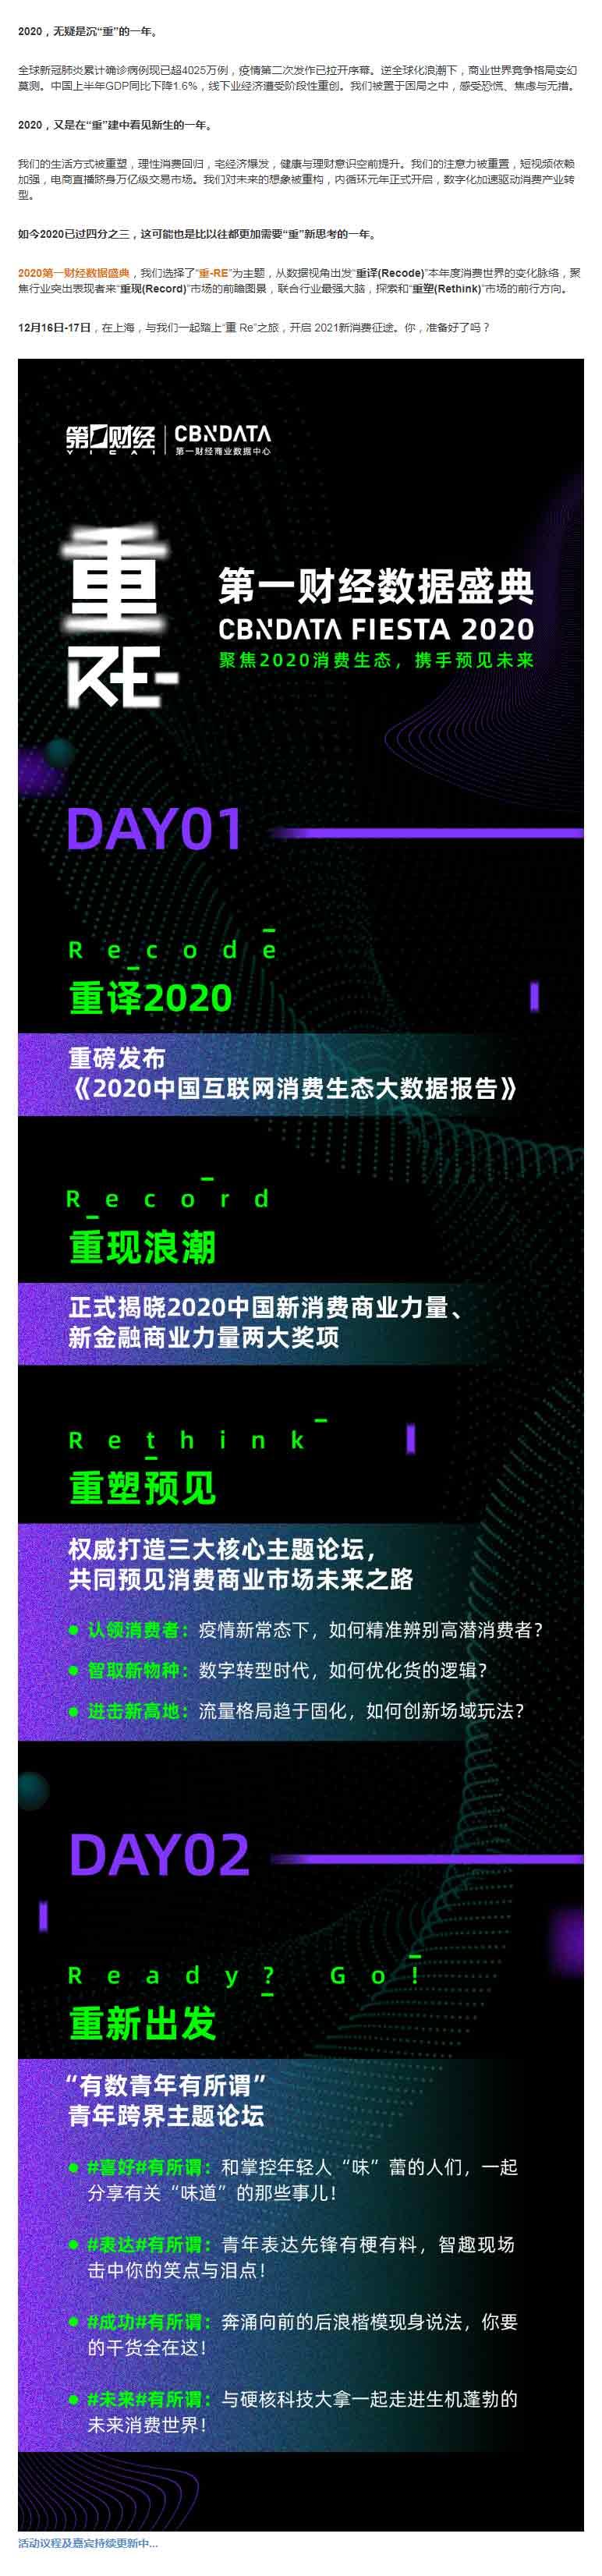 2020第一财经数据盛典丨Z世代新消费破壁消费的下半场玩法,2021人货场的思与变!-预约报名-活动.jpg